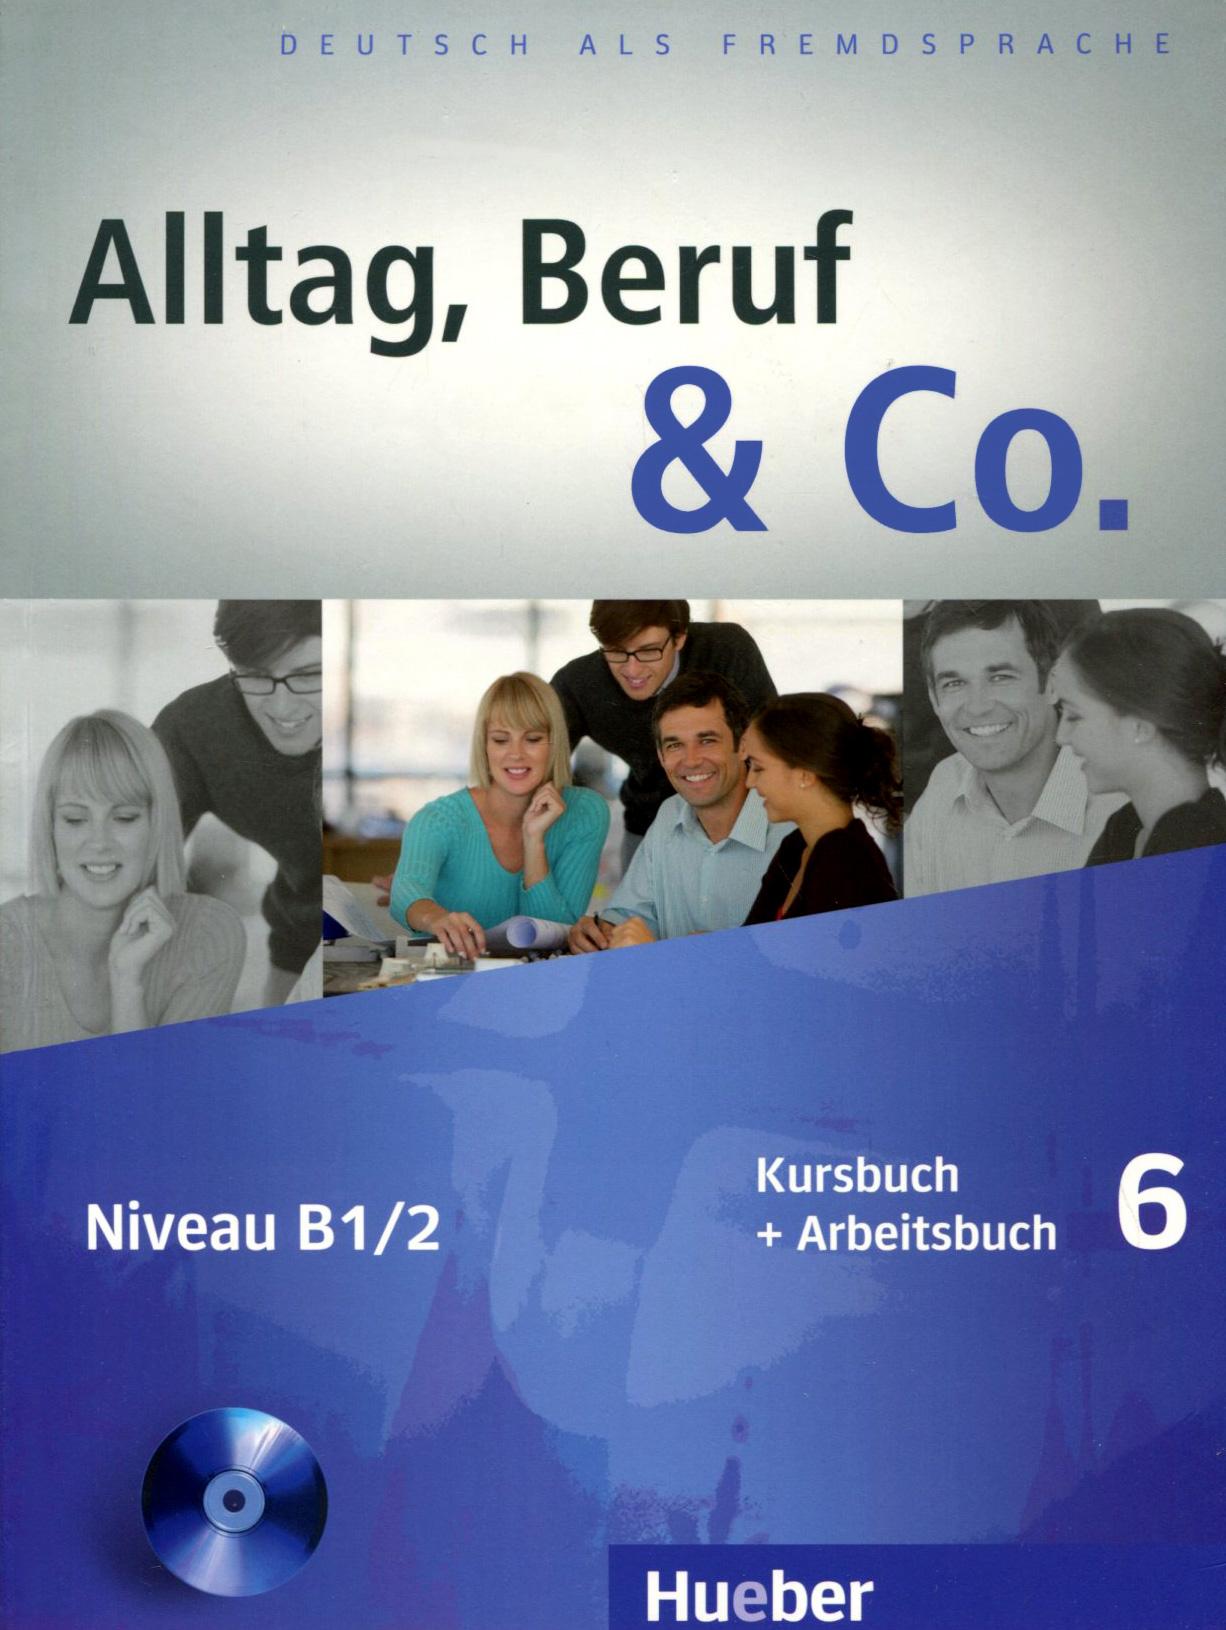 Alltag, Beruf & Co.: Kursbuch + Arbeitsbuch 6: Niveau B1/2 (+ CD-ROM)